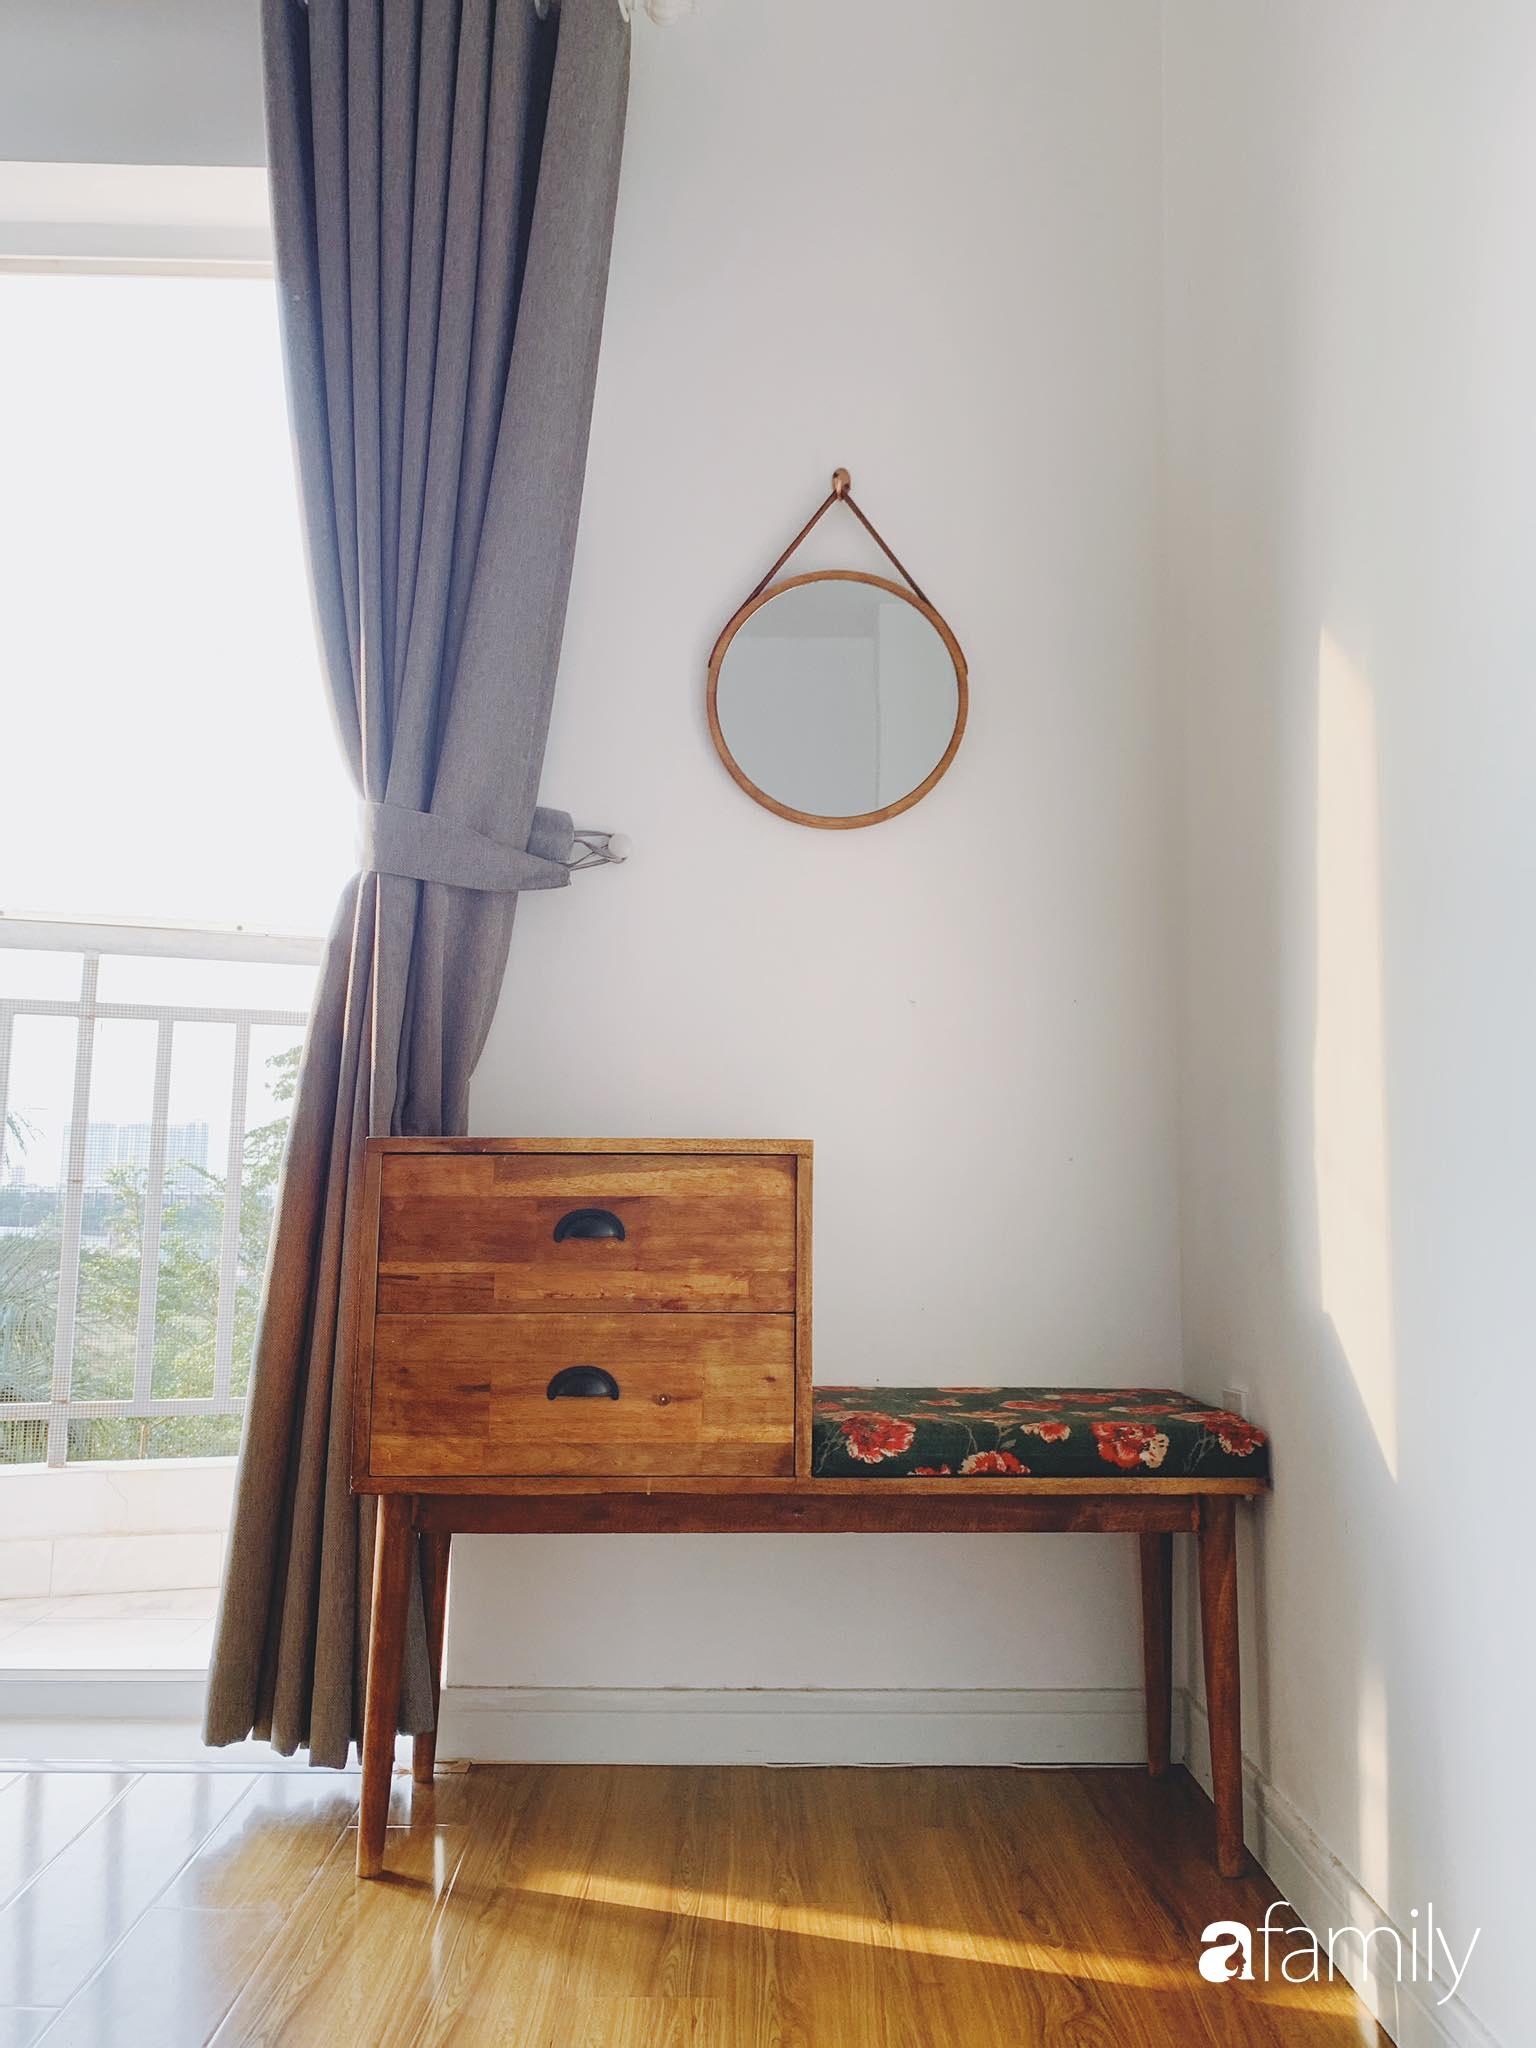 Căn hộ thuê lại được thiết kế nội thất thẩm mỹ và tối giản của cặp vợ chồng yêu thích sống tự do ở Sài Gòn - Ảnh 10.